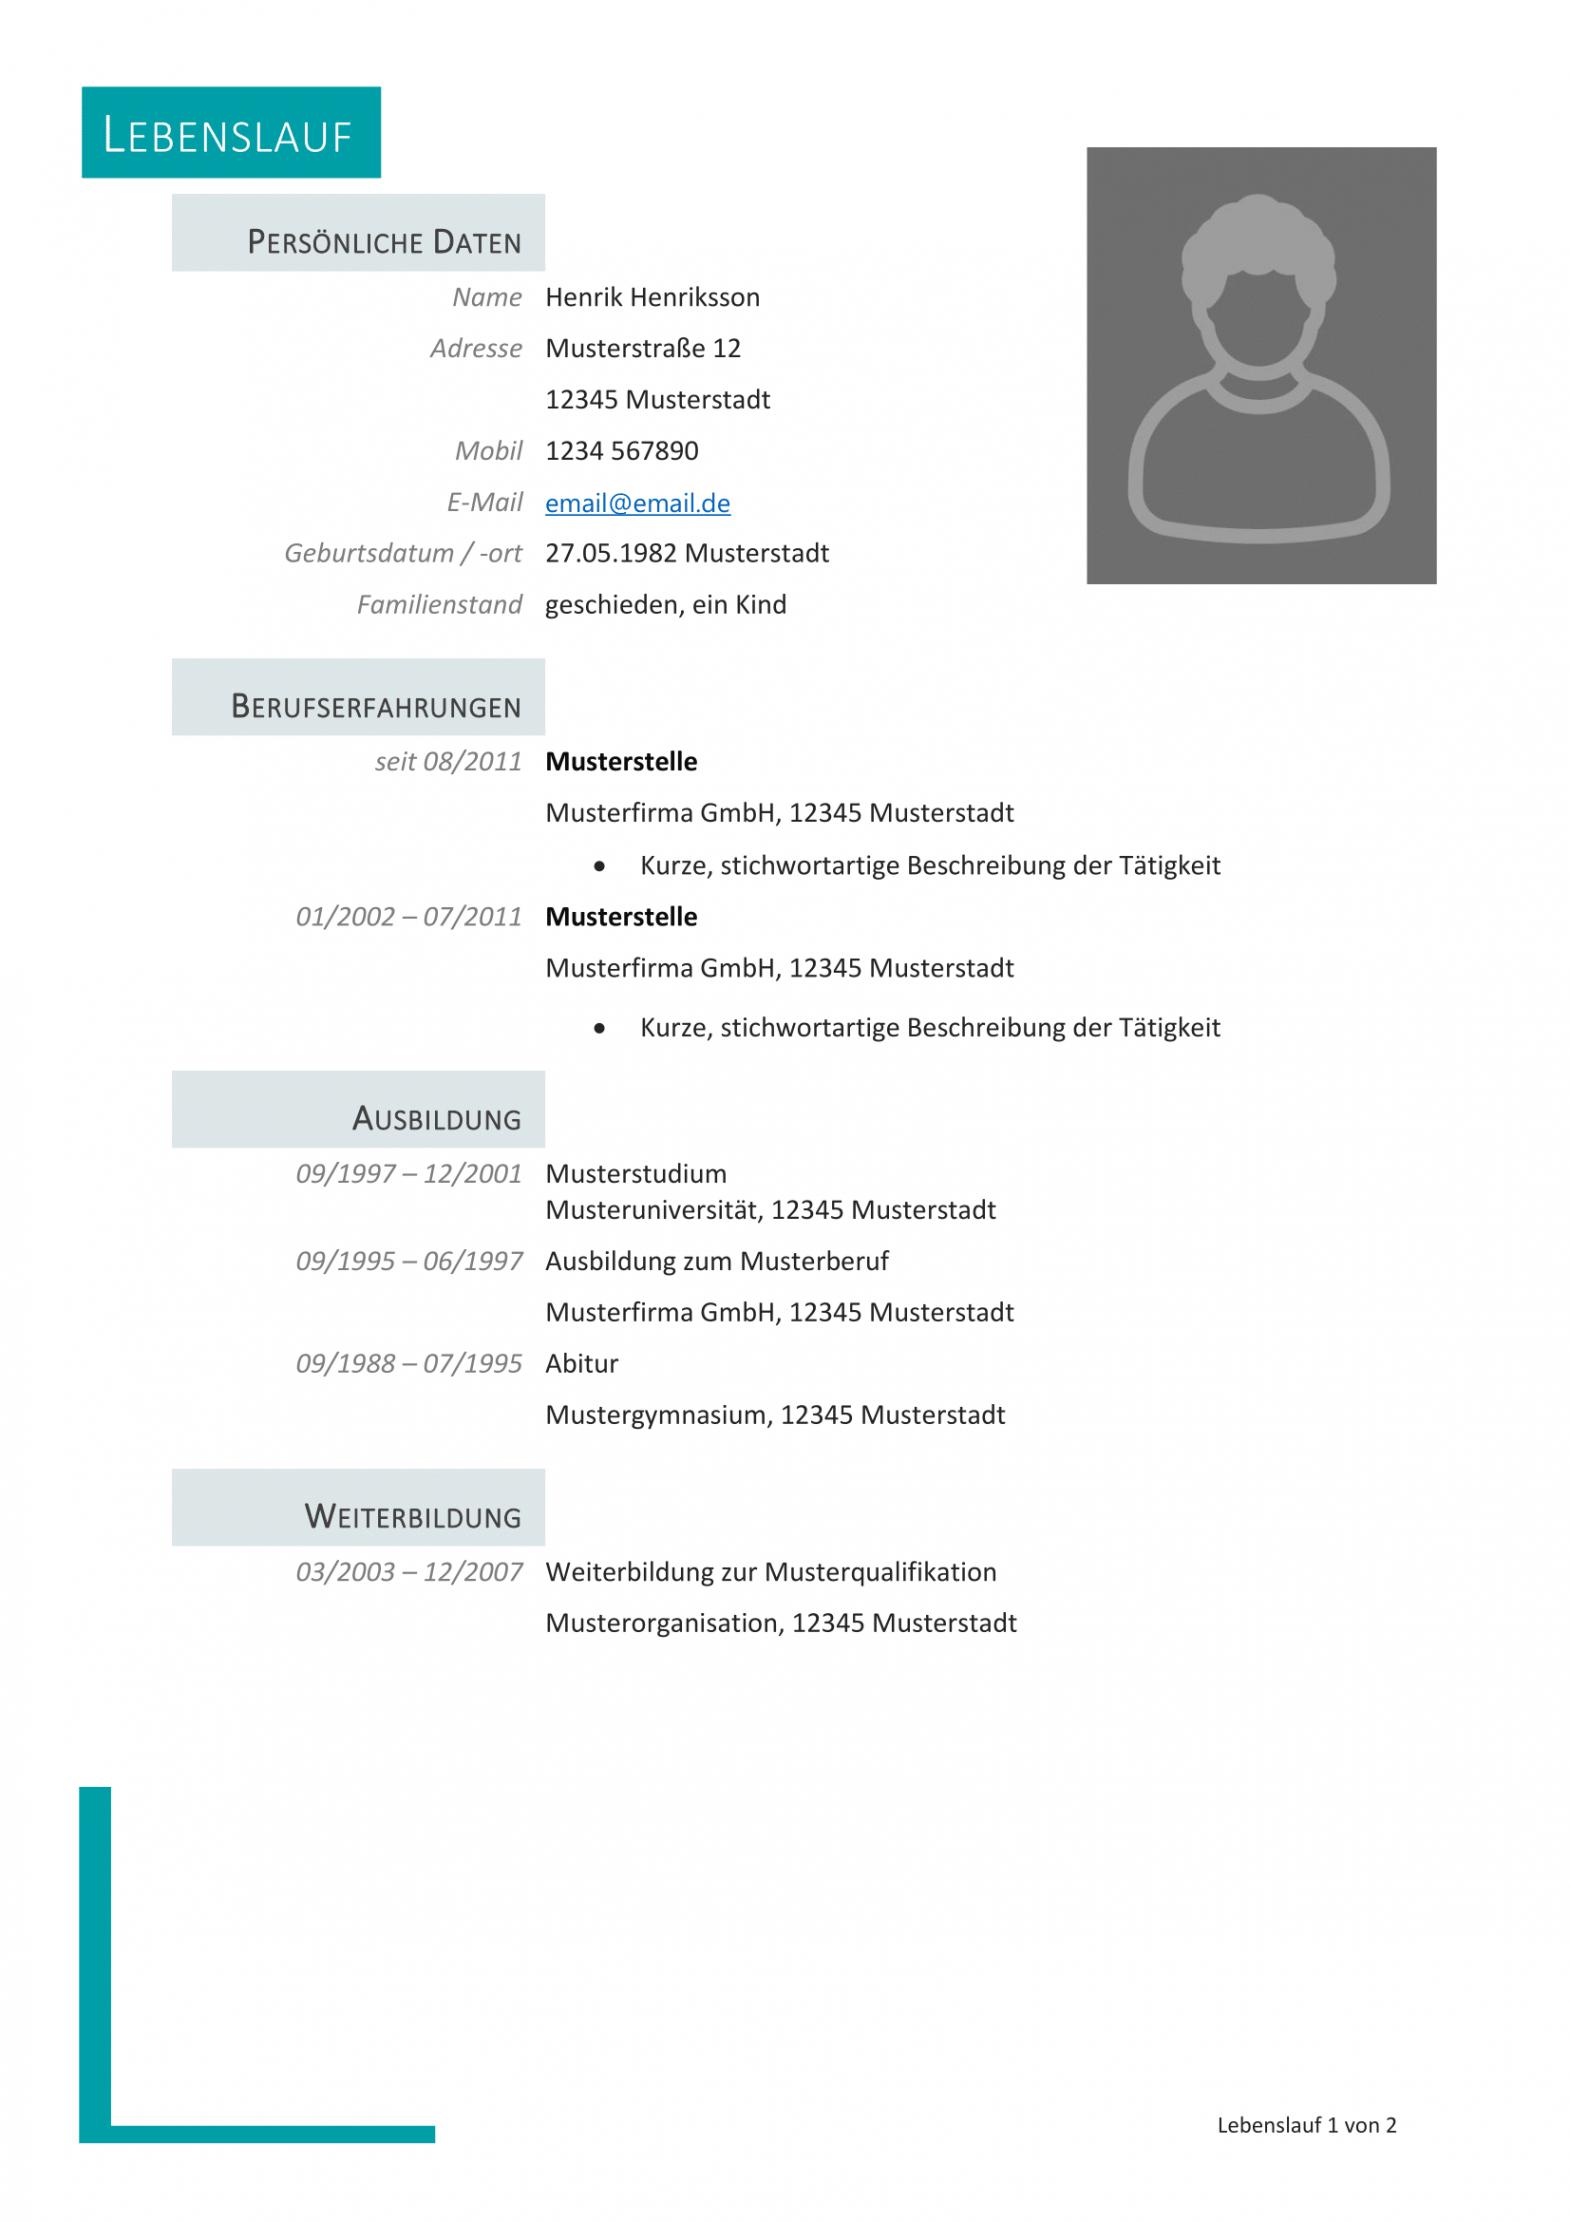 Porbe von  Kostenlose Lebenslauf Muster Und Vorlagen Für Deine Bewerbung 2018 Lebenslauf Vorlage Schüler Ohne Foto